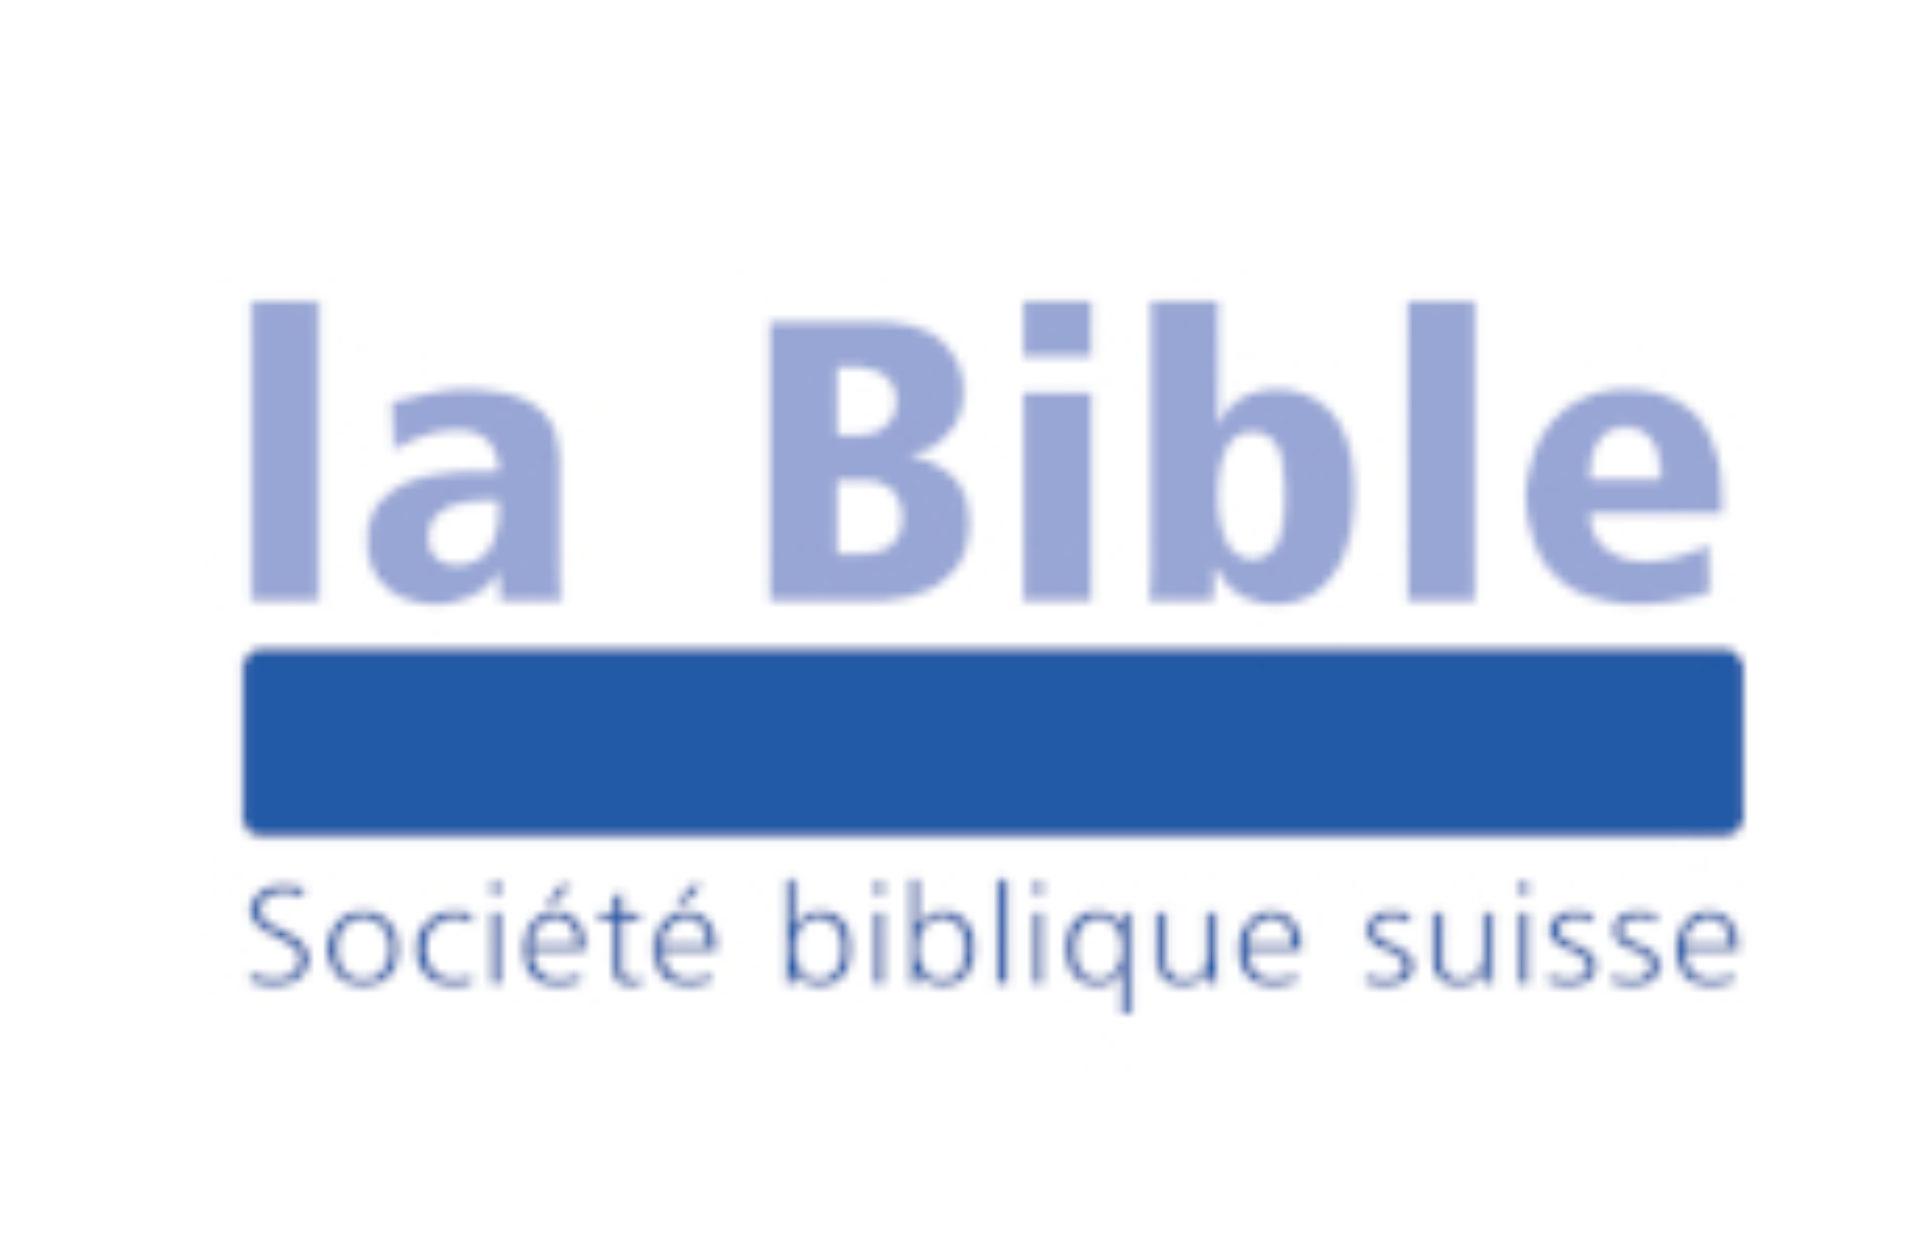 Société biblique suisse